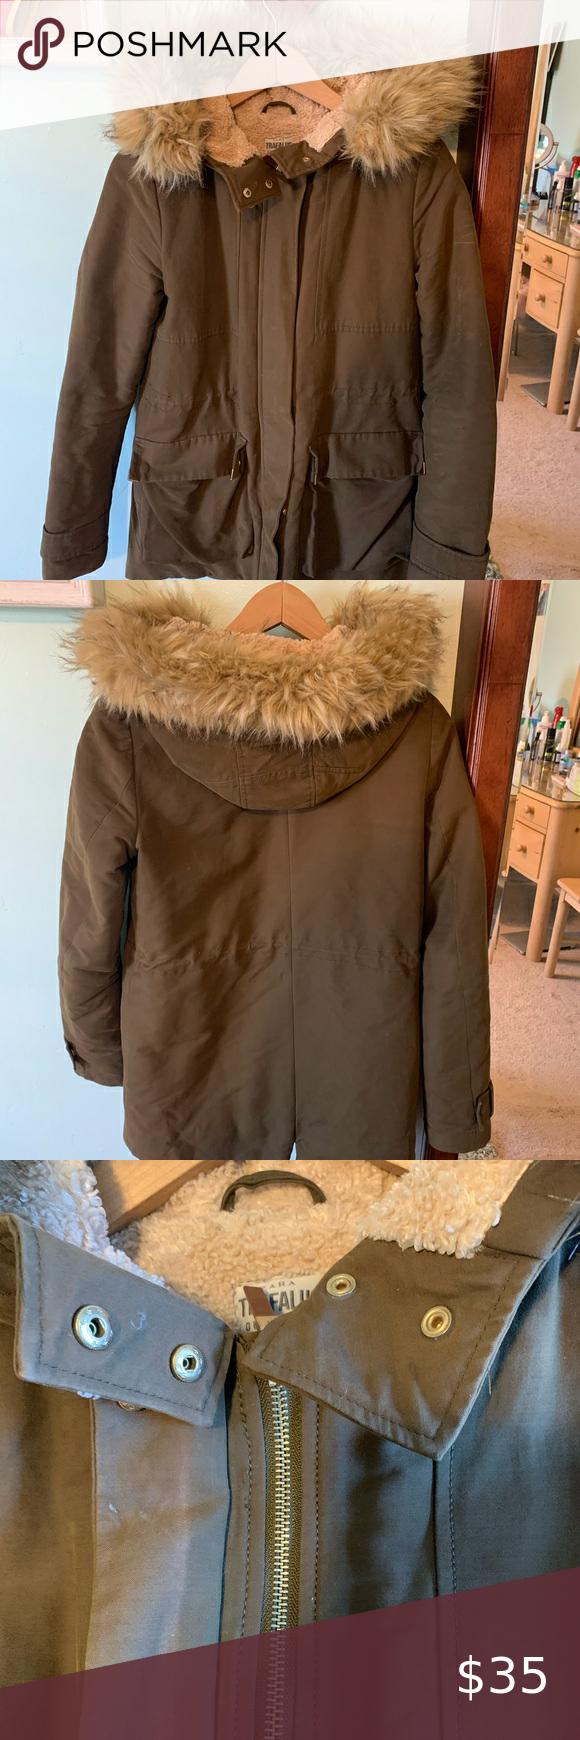 Zara Trafaluc Outerwear Collection Winter Jacket Winter Jackets Outerwear Trafaluc [ 1740 x 580 Pixel ]